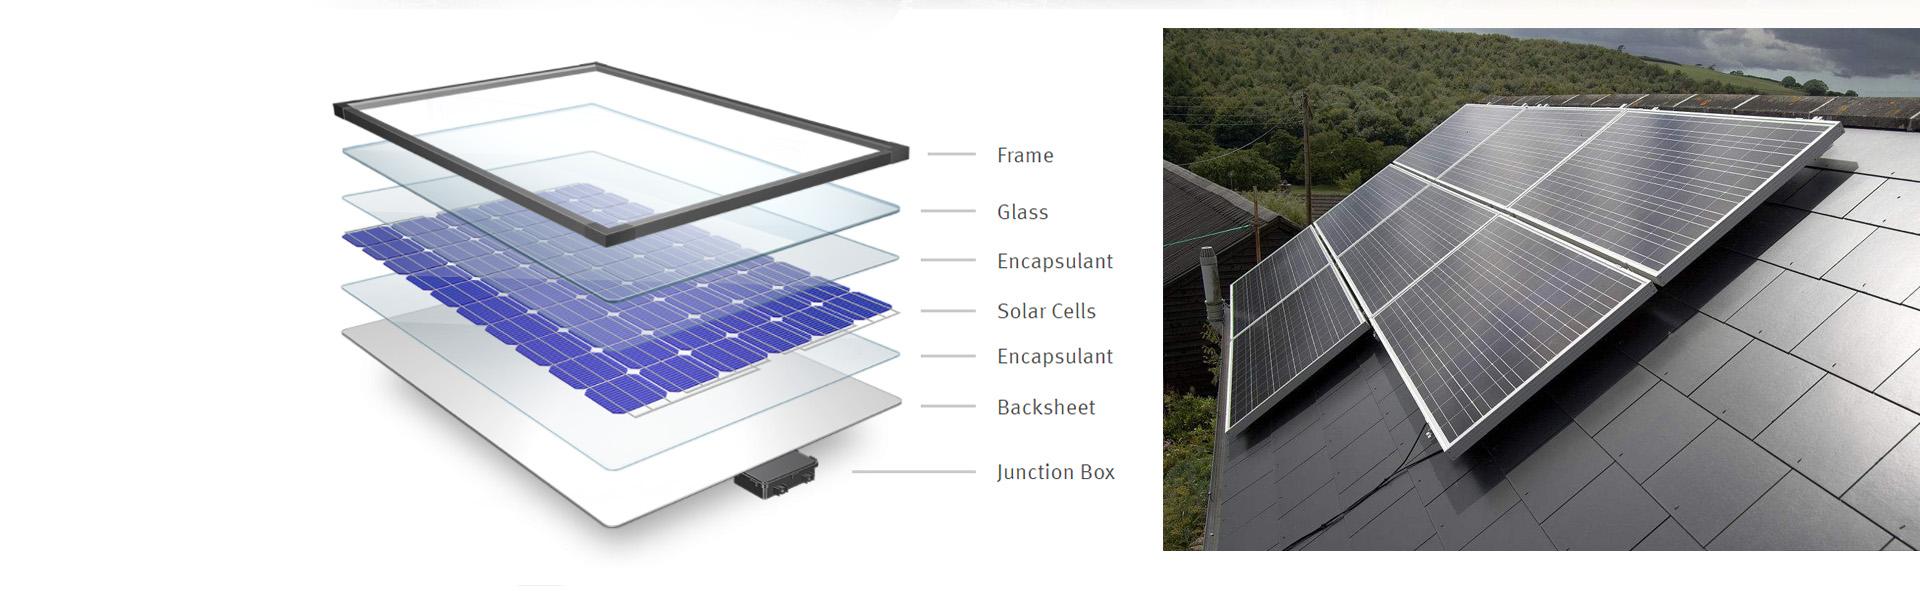 Monokristalline Solarmodule für PV-Solarmodule mit 350 Watt und 350 Watt